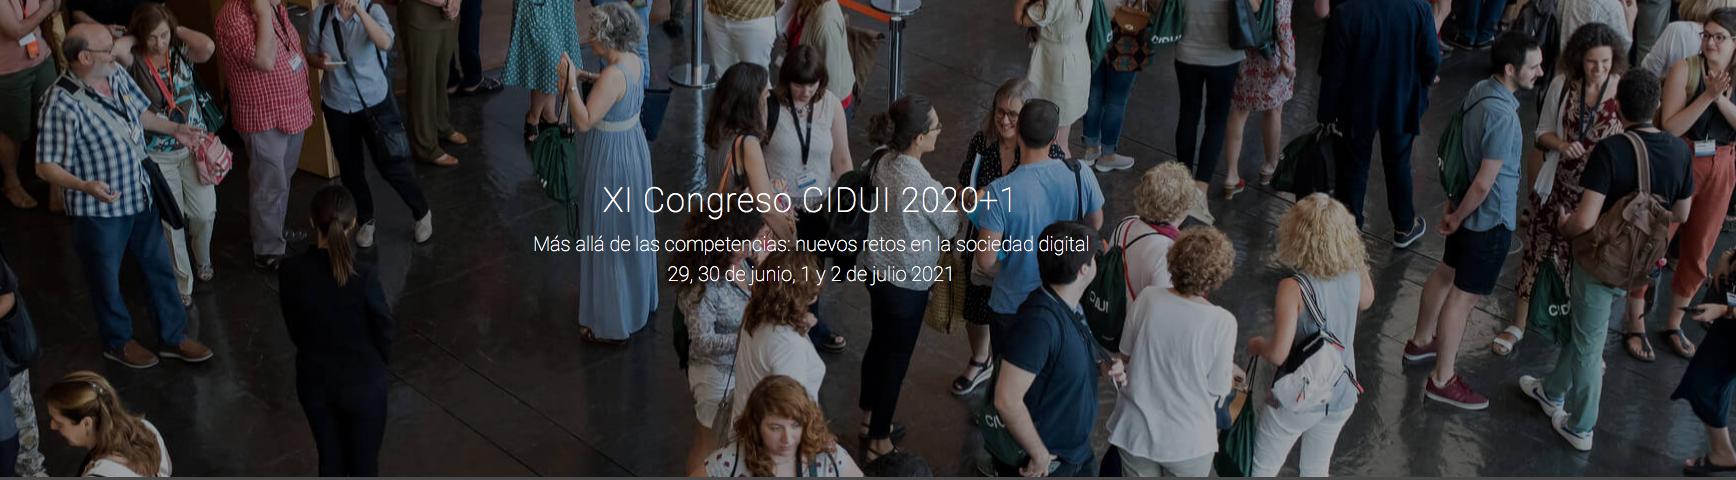 XI Congreso Internacional de Docencia Universitaria e Innovación